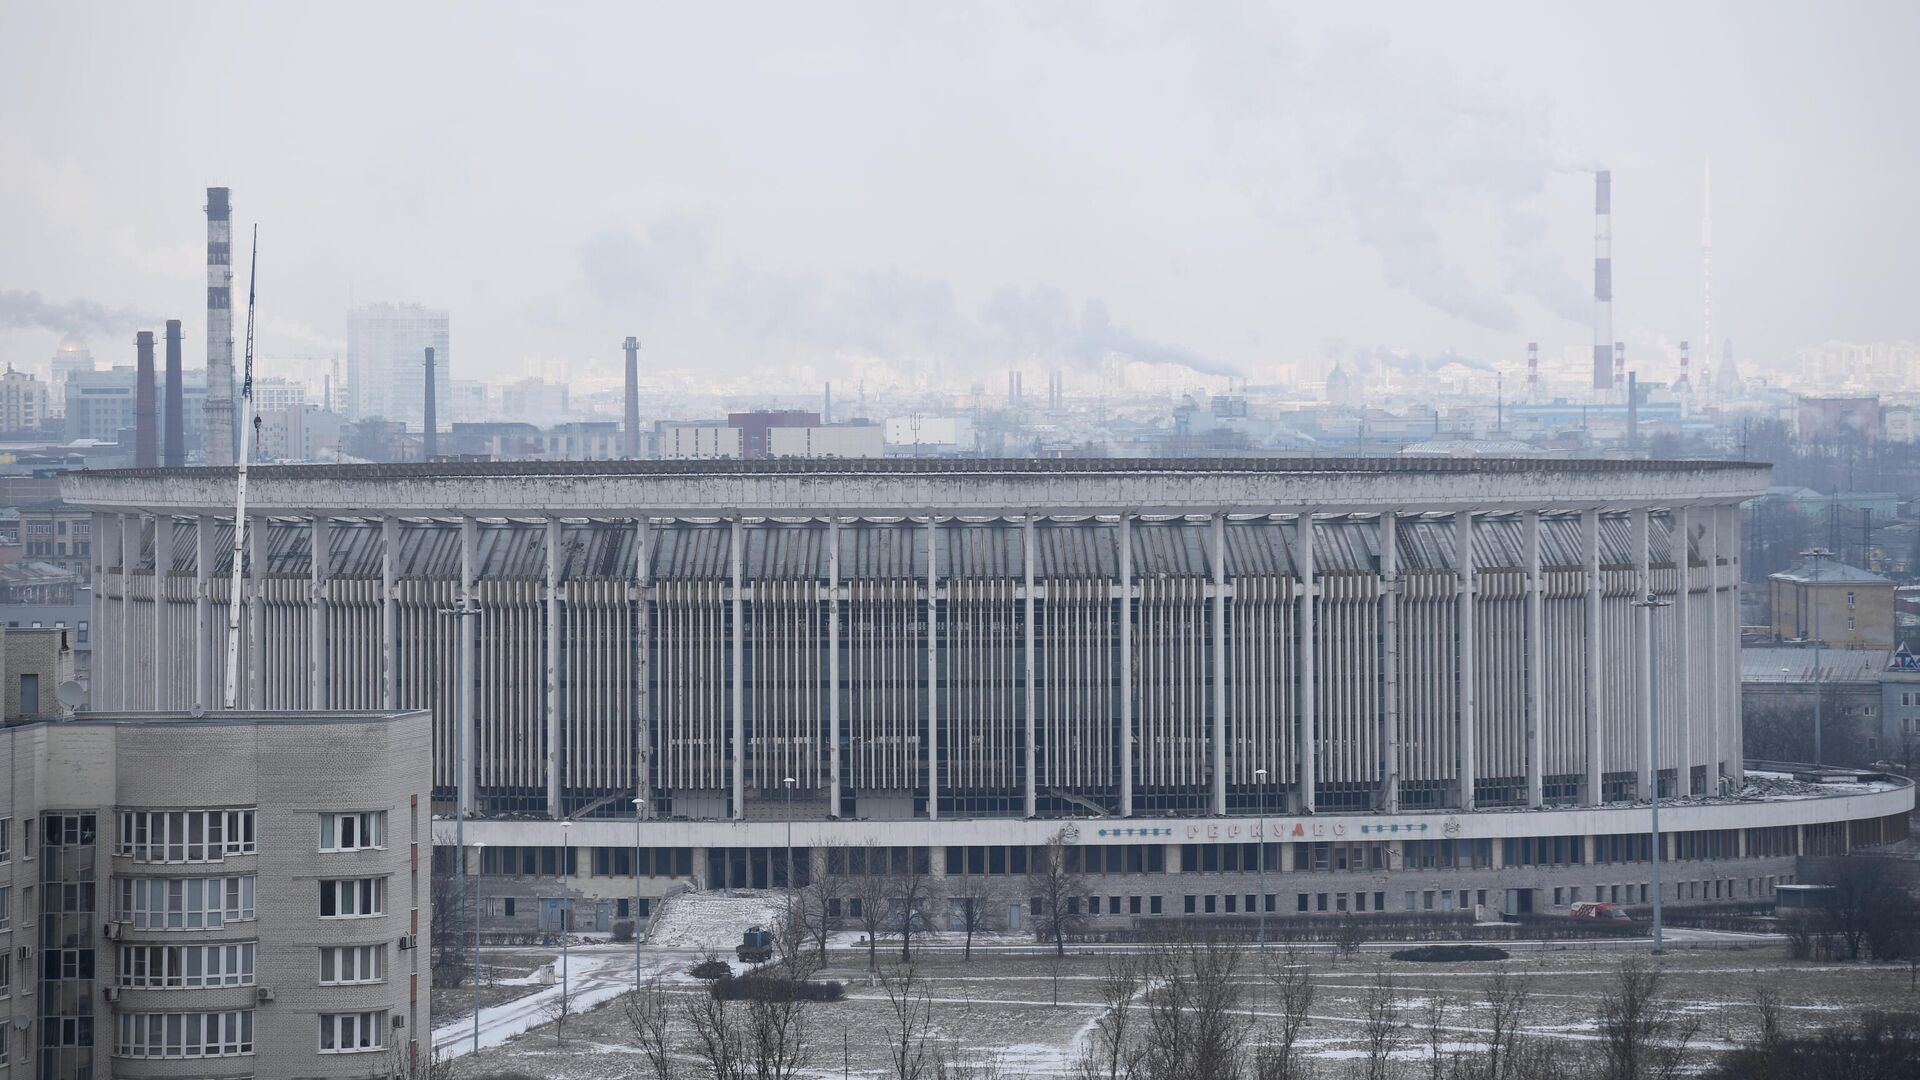 В Петербурге обрушилась крыша спортивно-концертного комплекса - РИА Новости, 1920, 21.01.2021